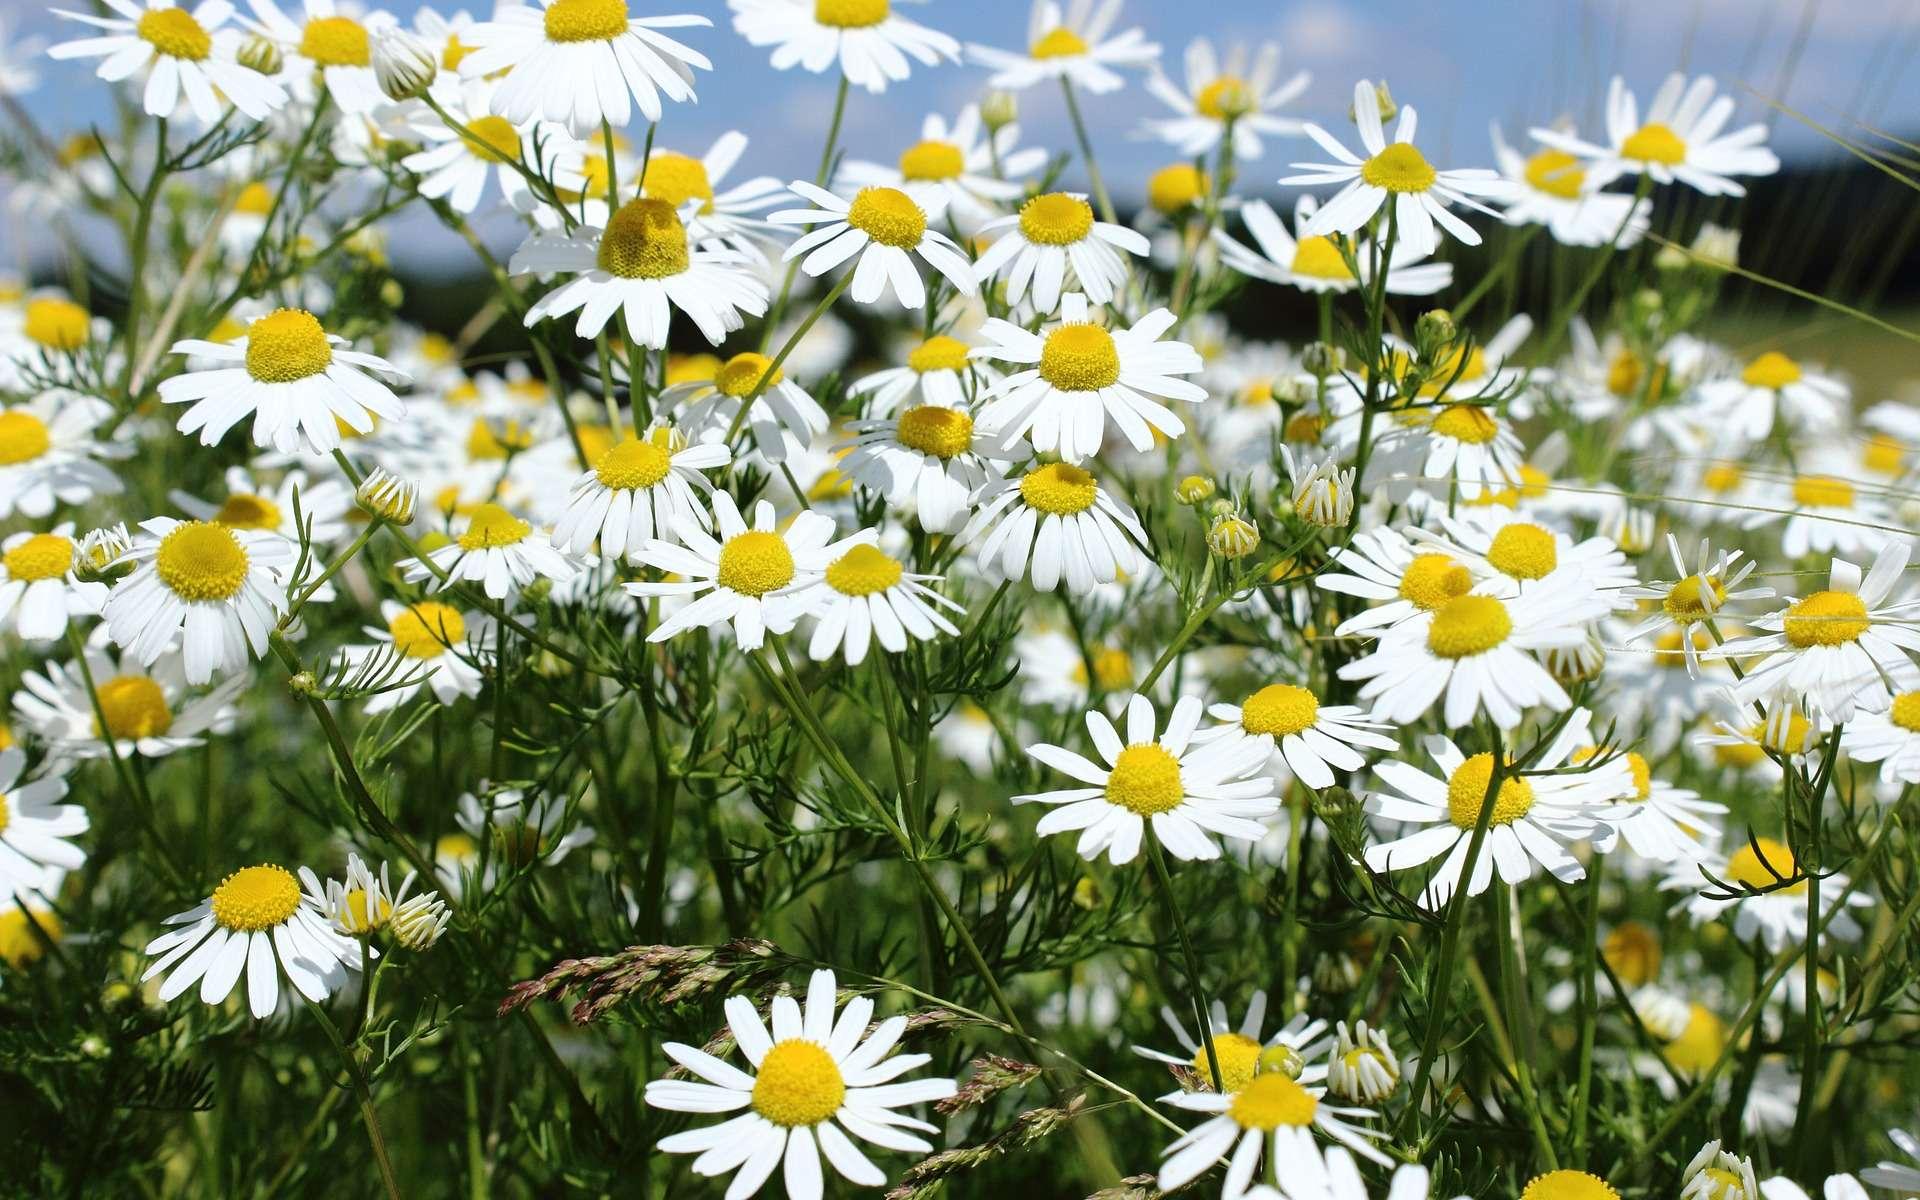 La camomille n'est pas un remède miracle contre l'herpès et les boutons de fièvre mais cette fleur possède tout de même des vertus anti-inflammatoires. © Nidan, Pixabay, DP